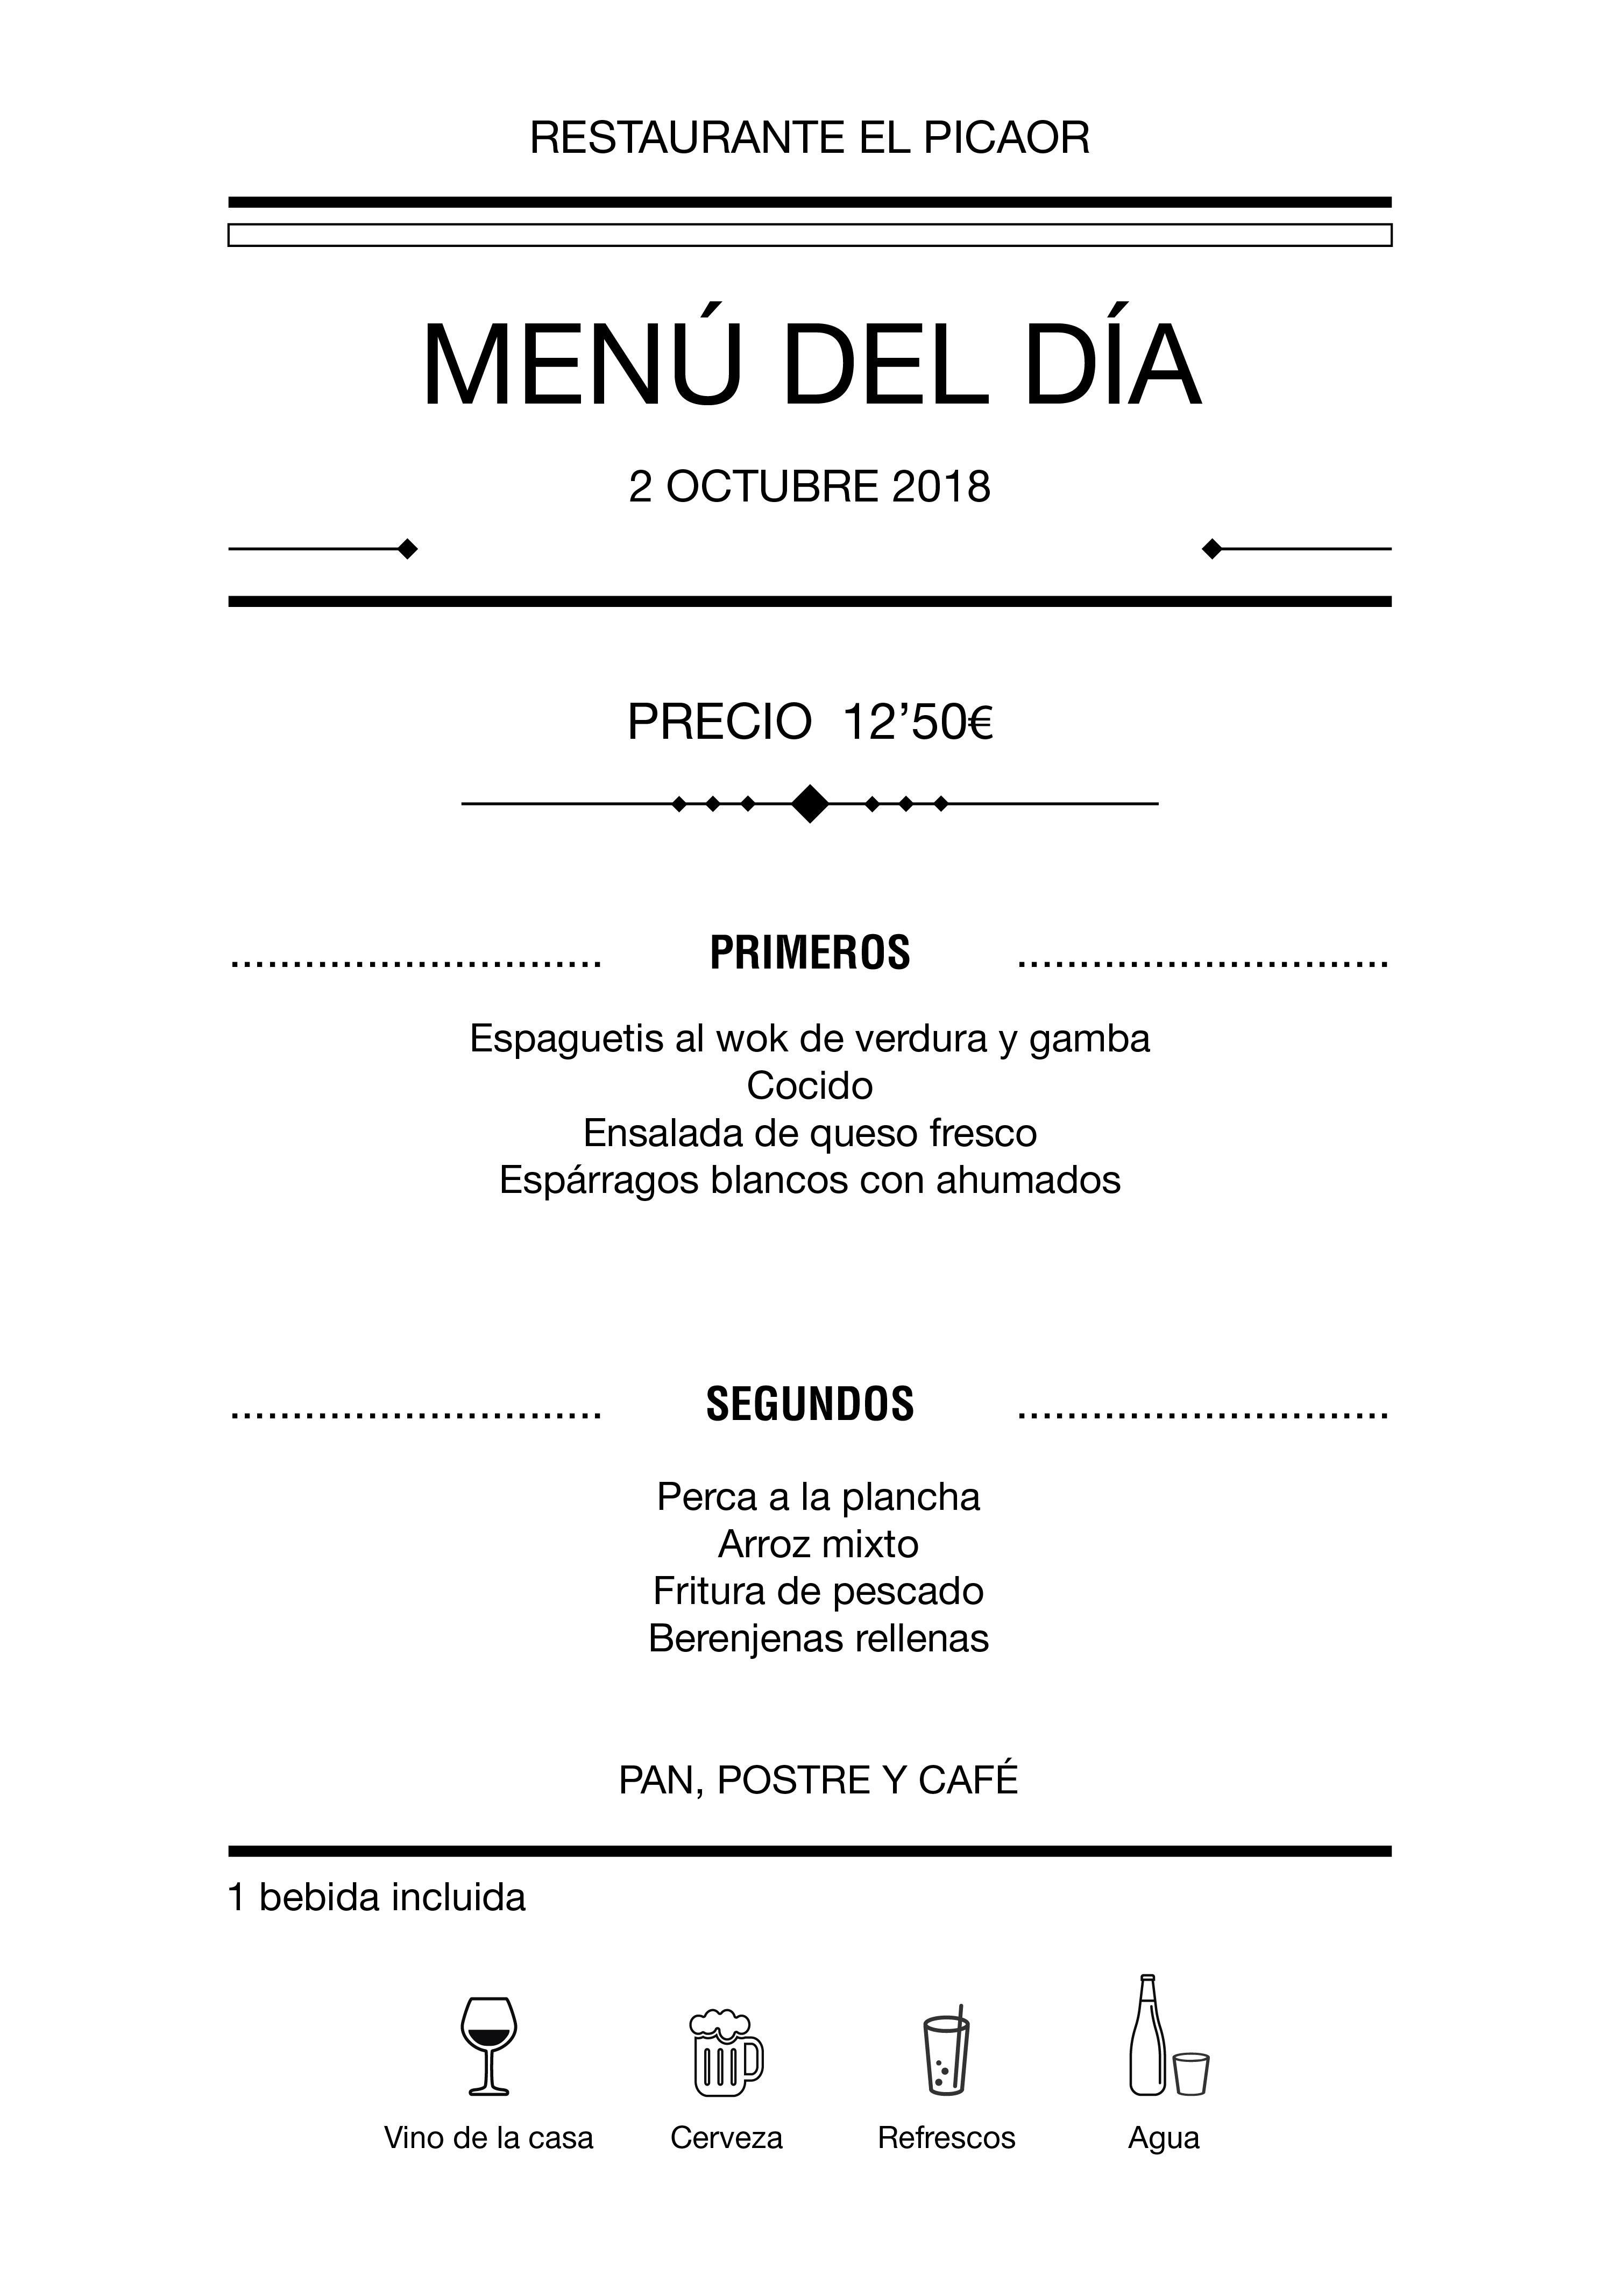 Menú diario El Picaor 02/10/18